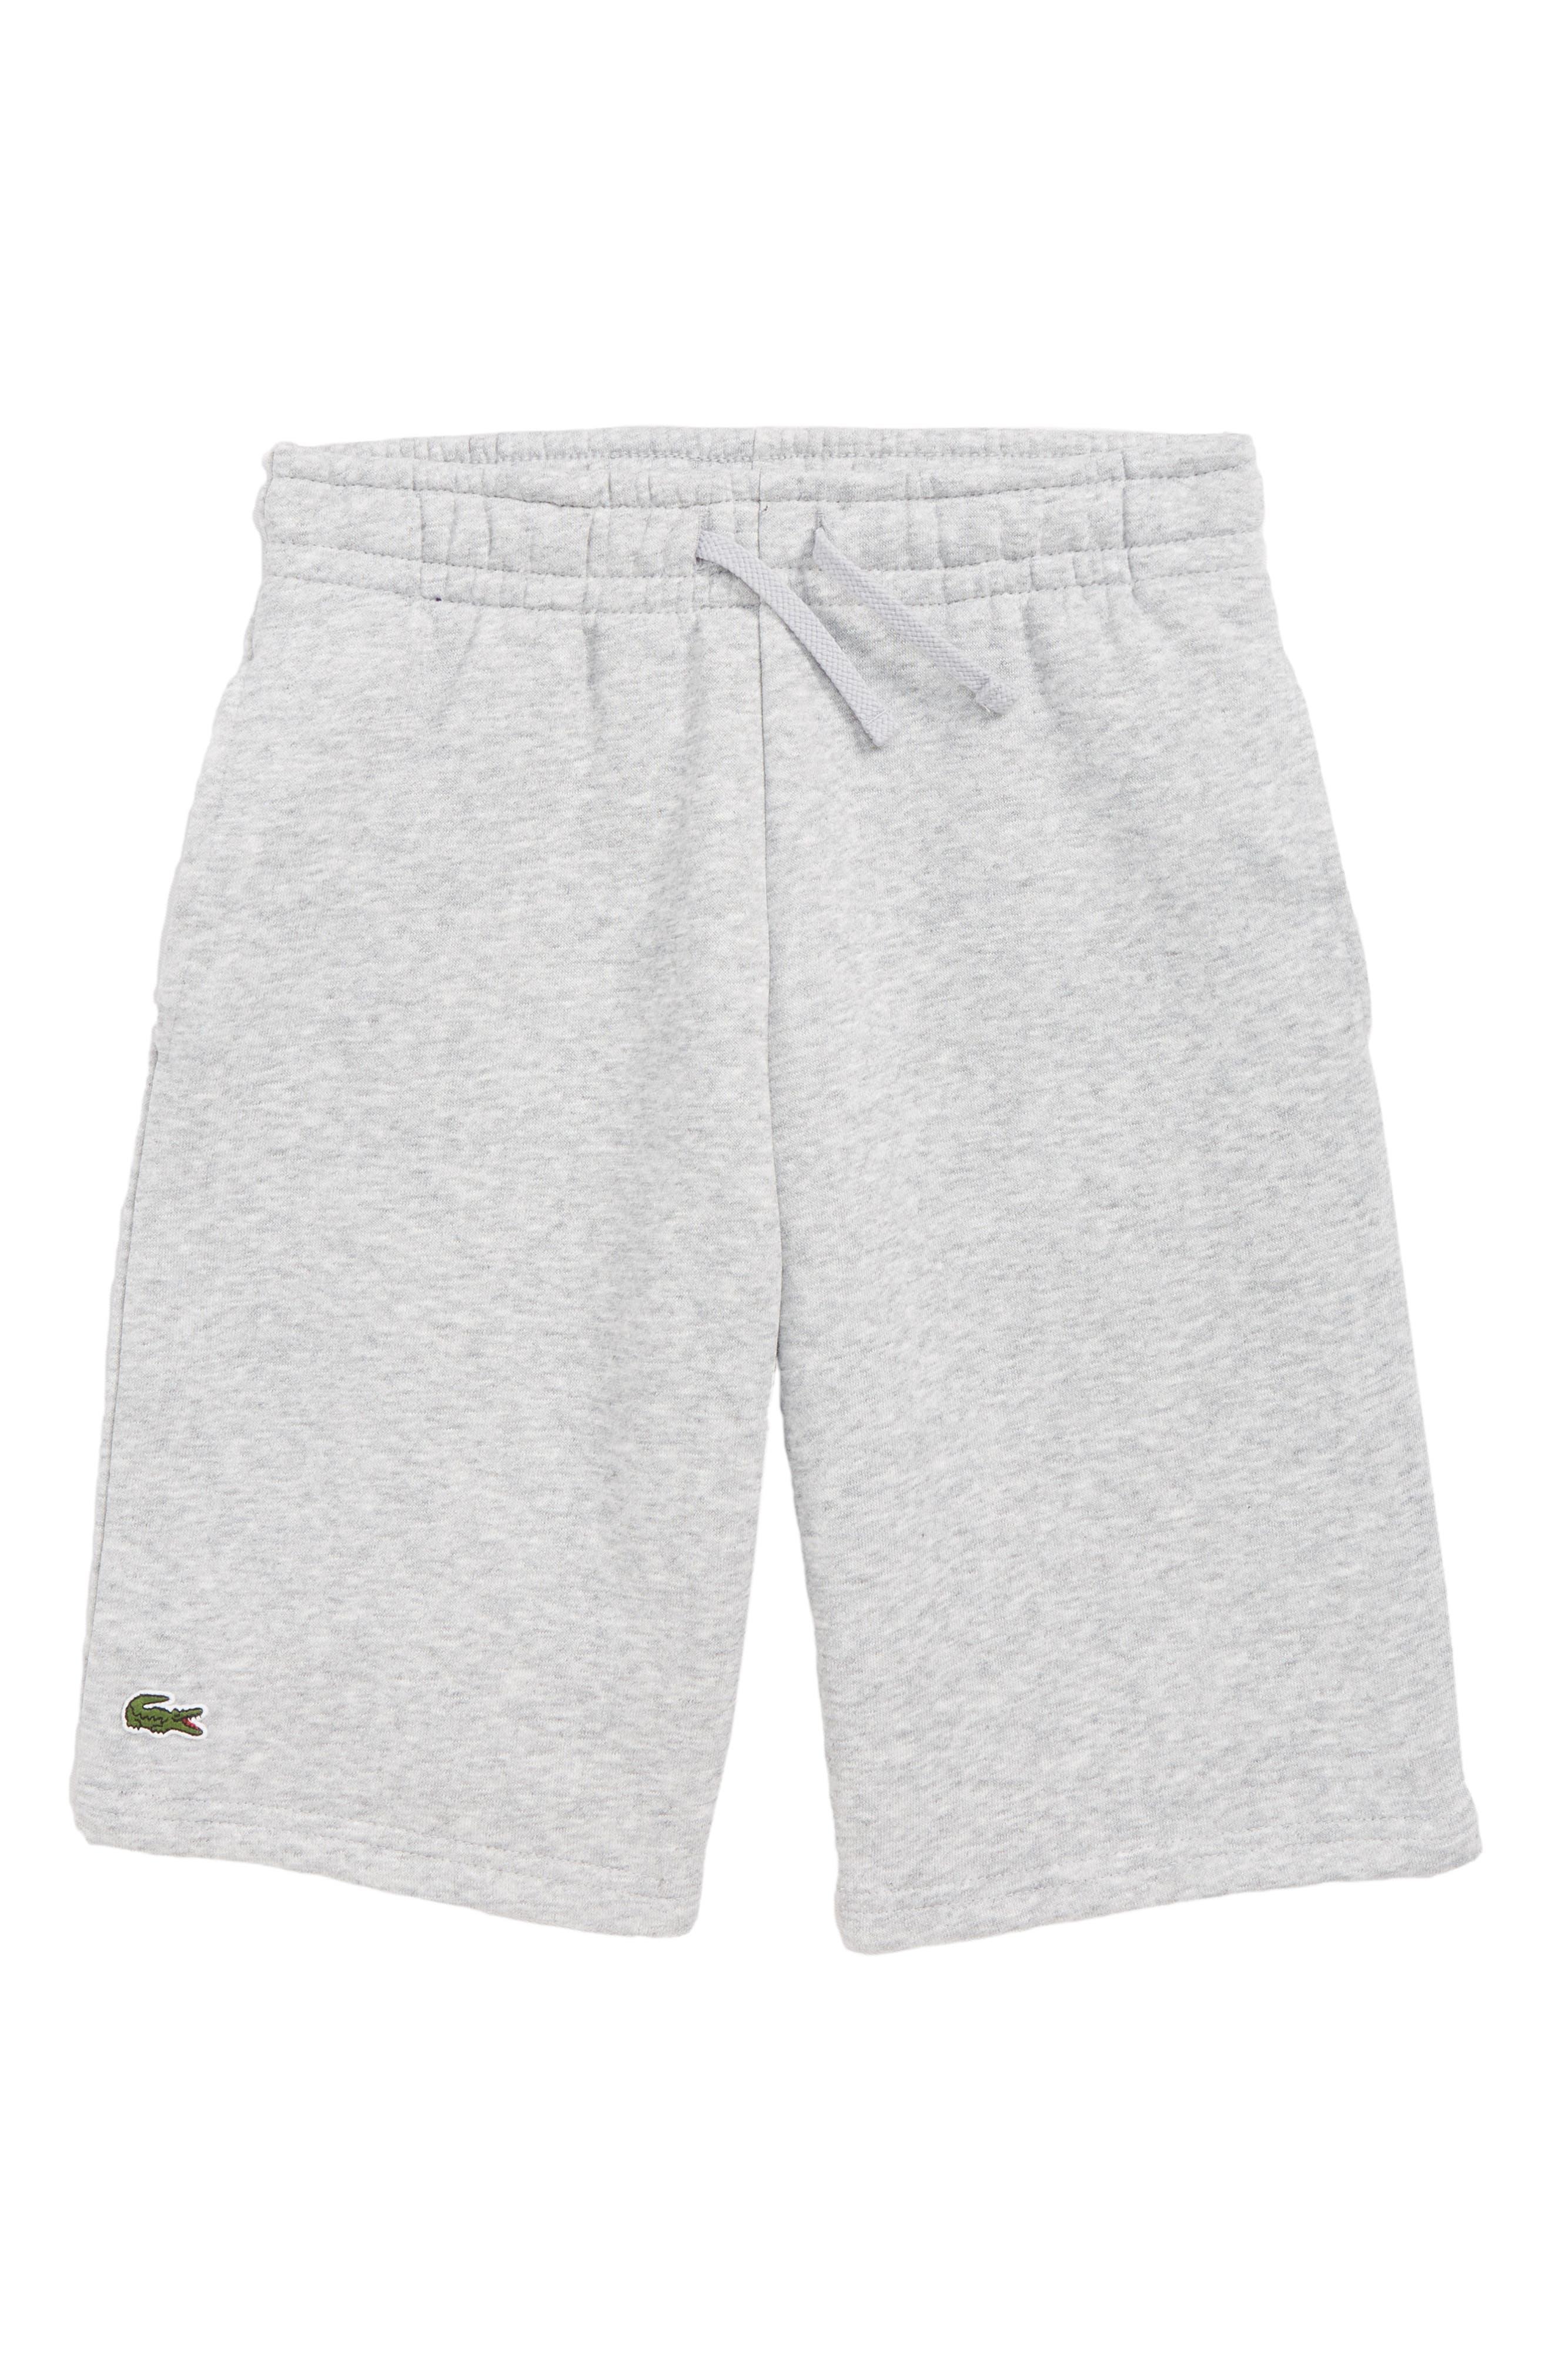 Fleece Shorts,                         Main,                         color, SILVER GREY